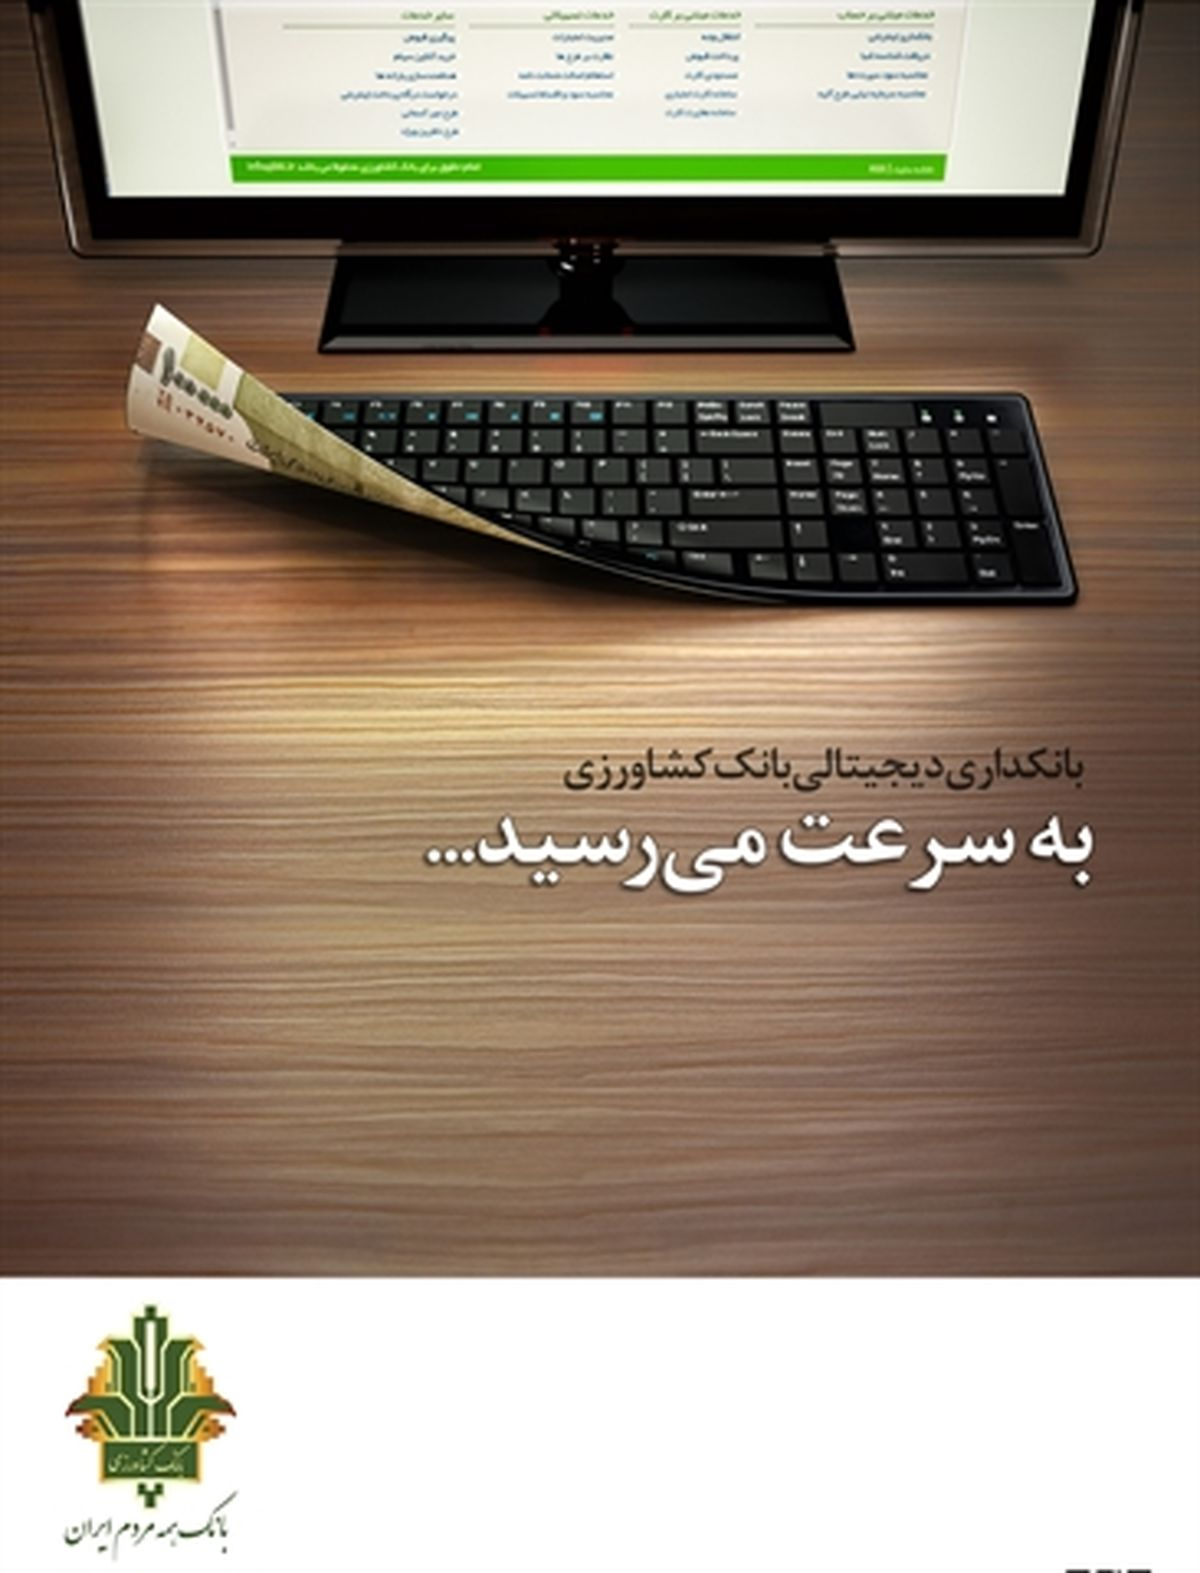 افزایش مشتریان اینترنت بانک کشاورزی به 400 هزارنفر